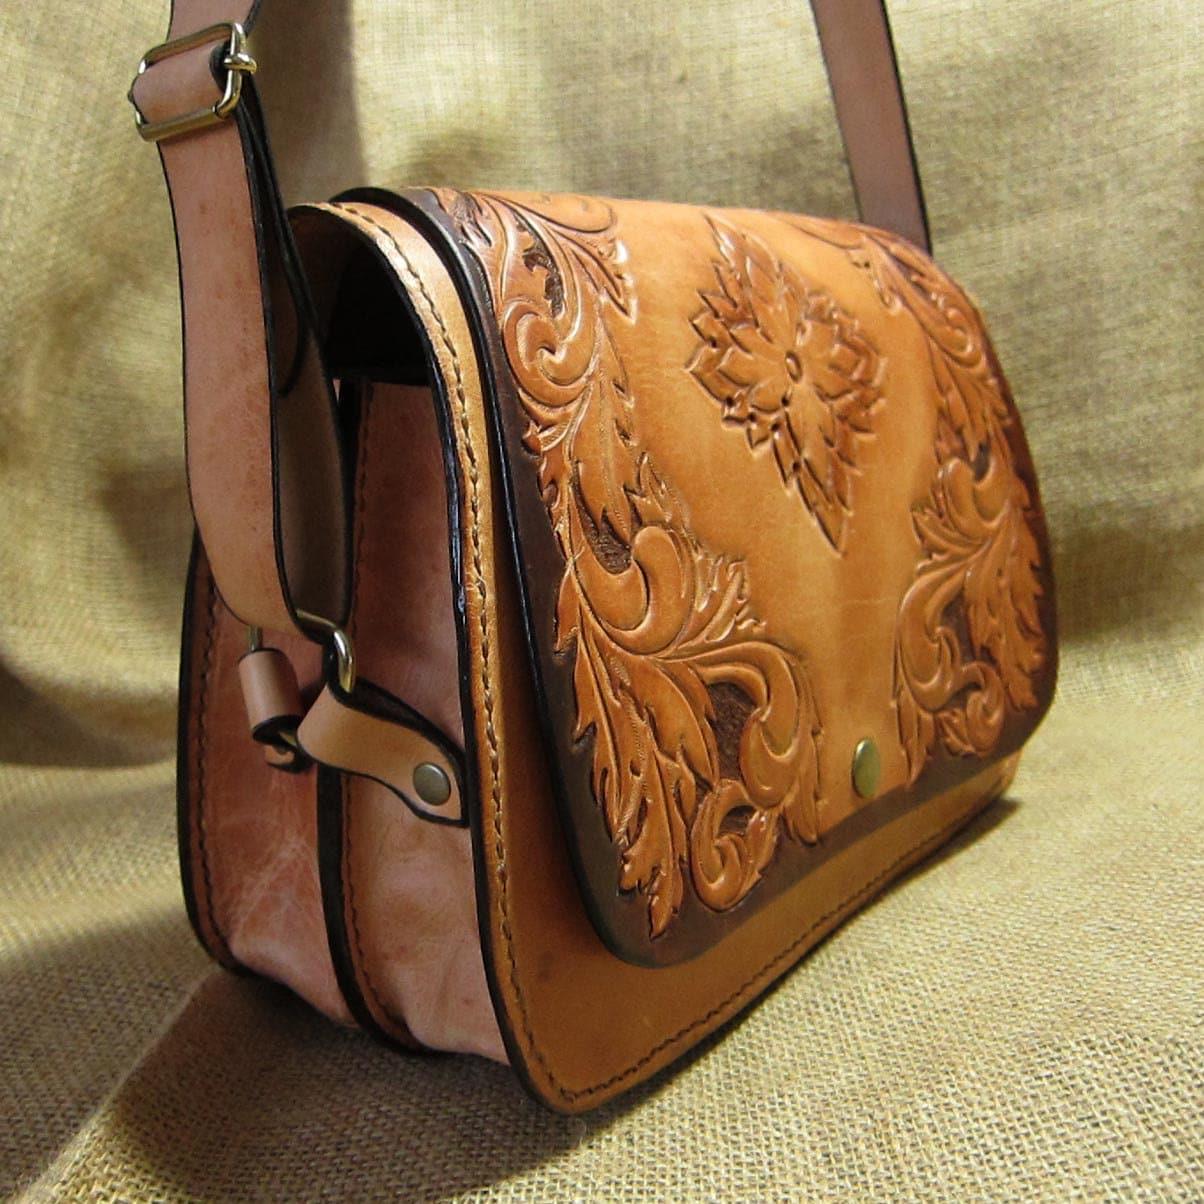 Leather Shoulder Bag Carmen Carved Natural Tone